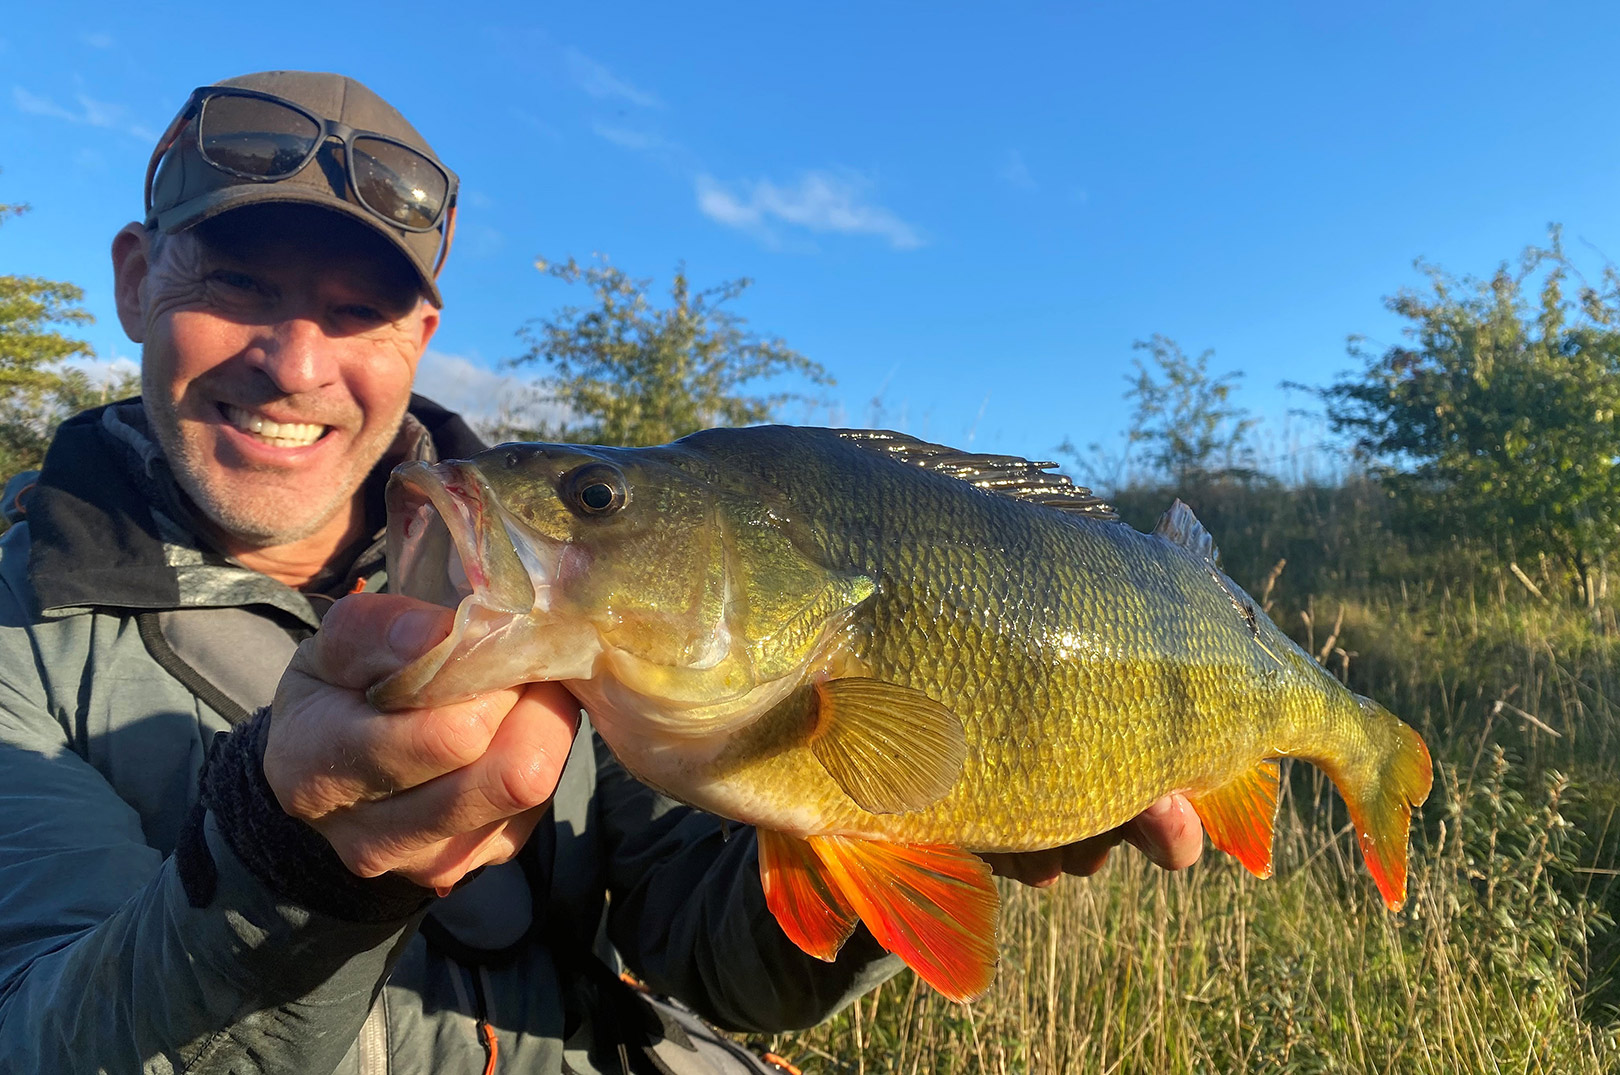 Mads med den største af de aborrer han vejede på 2060 gram. De fleste fisk blev blot målt, for ikke at skade fiskene unødigt.